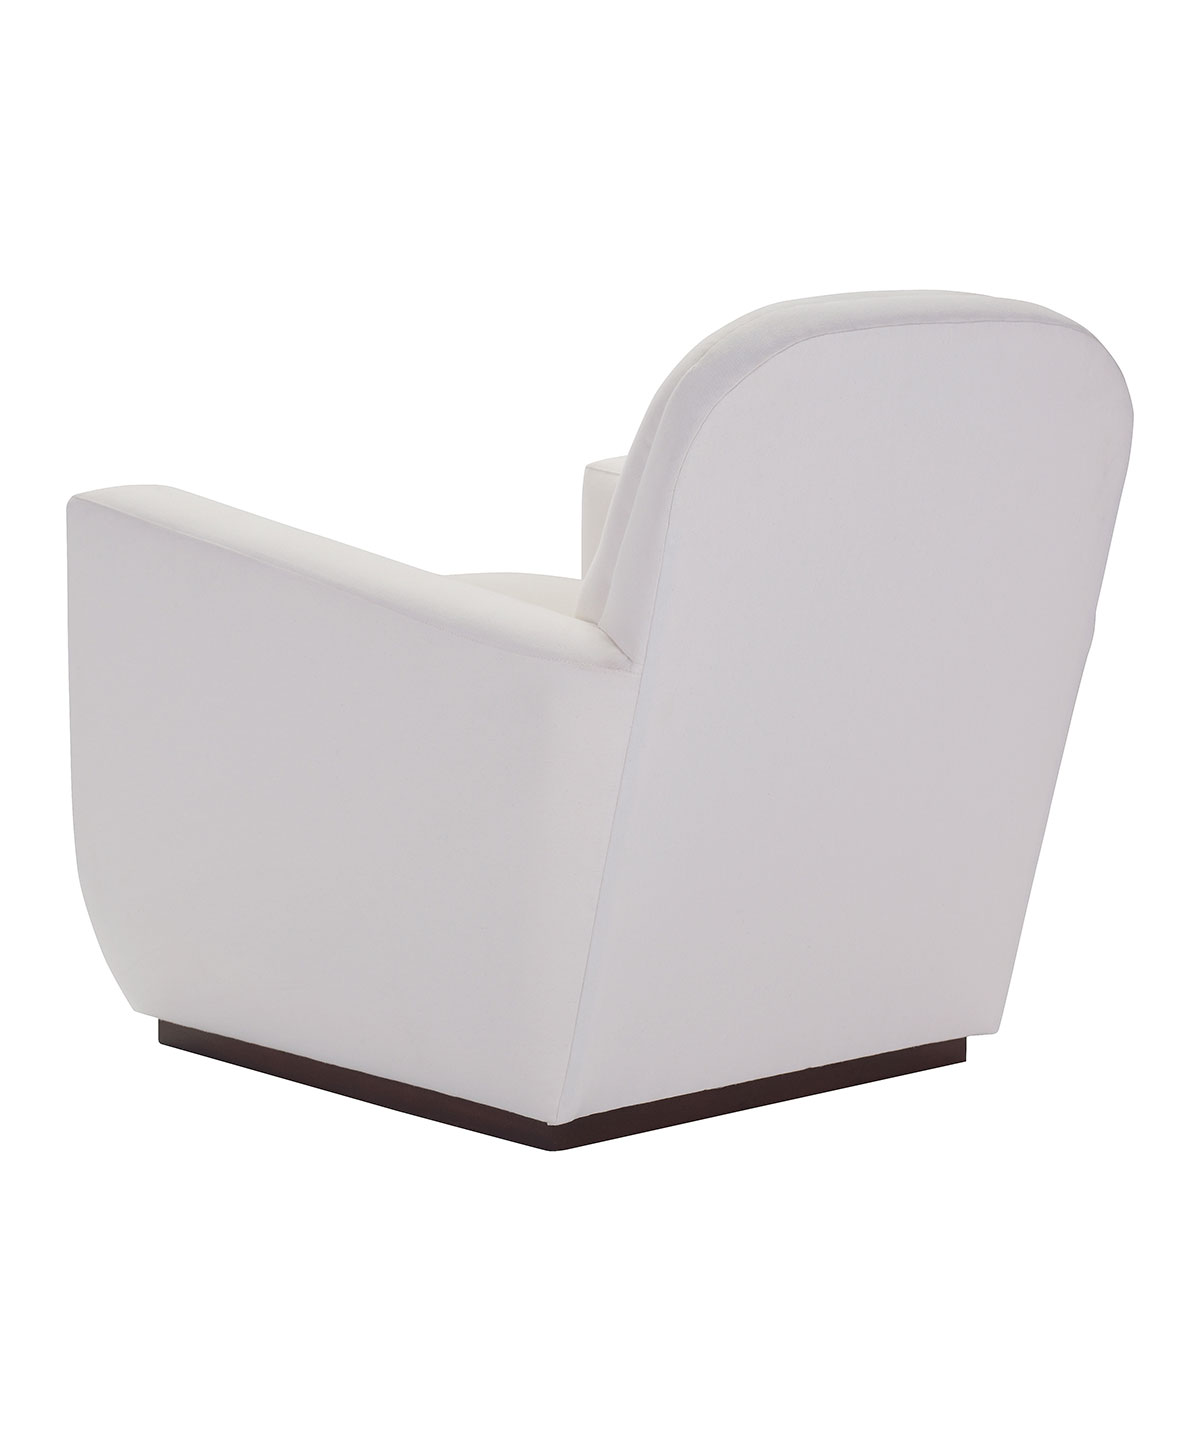 Knox Lounge Chair